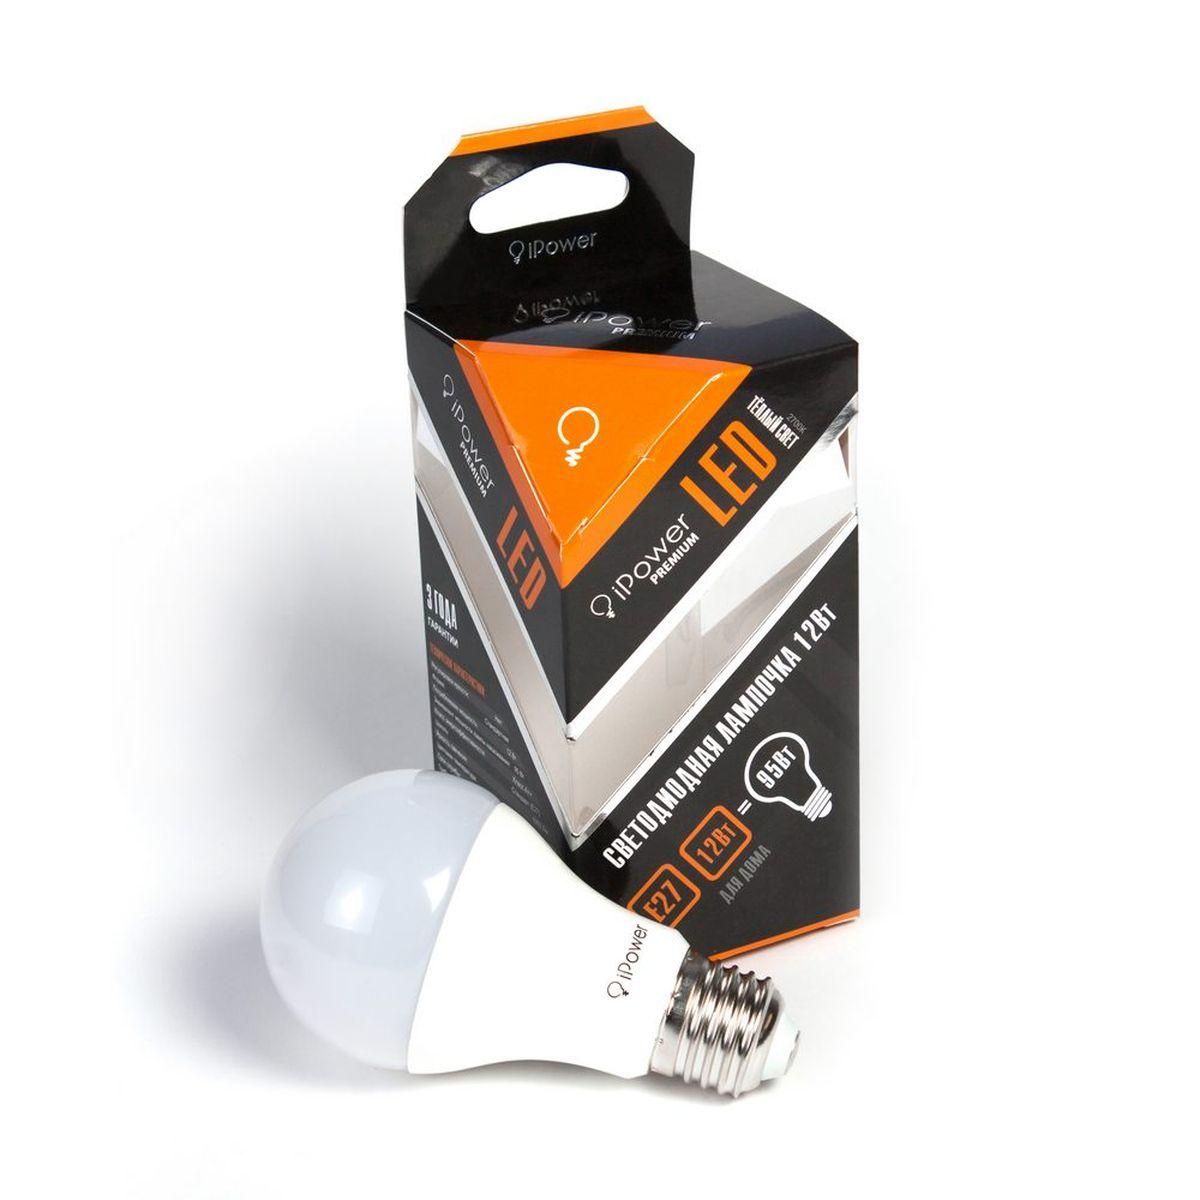 Лампа светодиодная iPower Premium, цоколь Е27, 12W, 2700К1001966Светодиодная лампа iPower Premium имеет очень низкое энергопотребление. В сравнении с лампами накаливания LED потребляет в 12 раз меньше электричества, а в сравнении с энергосберегающими - в 2-4 раза меньше. При этом срок службы LED лампочки в 5 раз выше, чем энергосберегающей, и в 50 раз выше, чем у лампы накаливания. Светодиодная лампа iPower Premium создает мягкий рассеивающий свет без мерцаний, что совершенно безопасно для глаз. Она специально разработана по требованиям российских и европейских законов и подходит ко всем осветительным устройствам, совместимым со стандартным цоколем E27. Использование светодиодов от мирового лидера Epistar - это залог надежной и стабильной работы лампы. Теплый оттенок света лампы по световой температуре соответствует обычной лампе накаливания и позволит создать уют в доме и местах отдыха. Диапазон рабочих температур от -50°С до +50 °С Материал: алюминий, поликарбонат. Потребляемая мощность: 12 Вт. Рабочее...